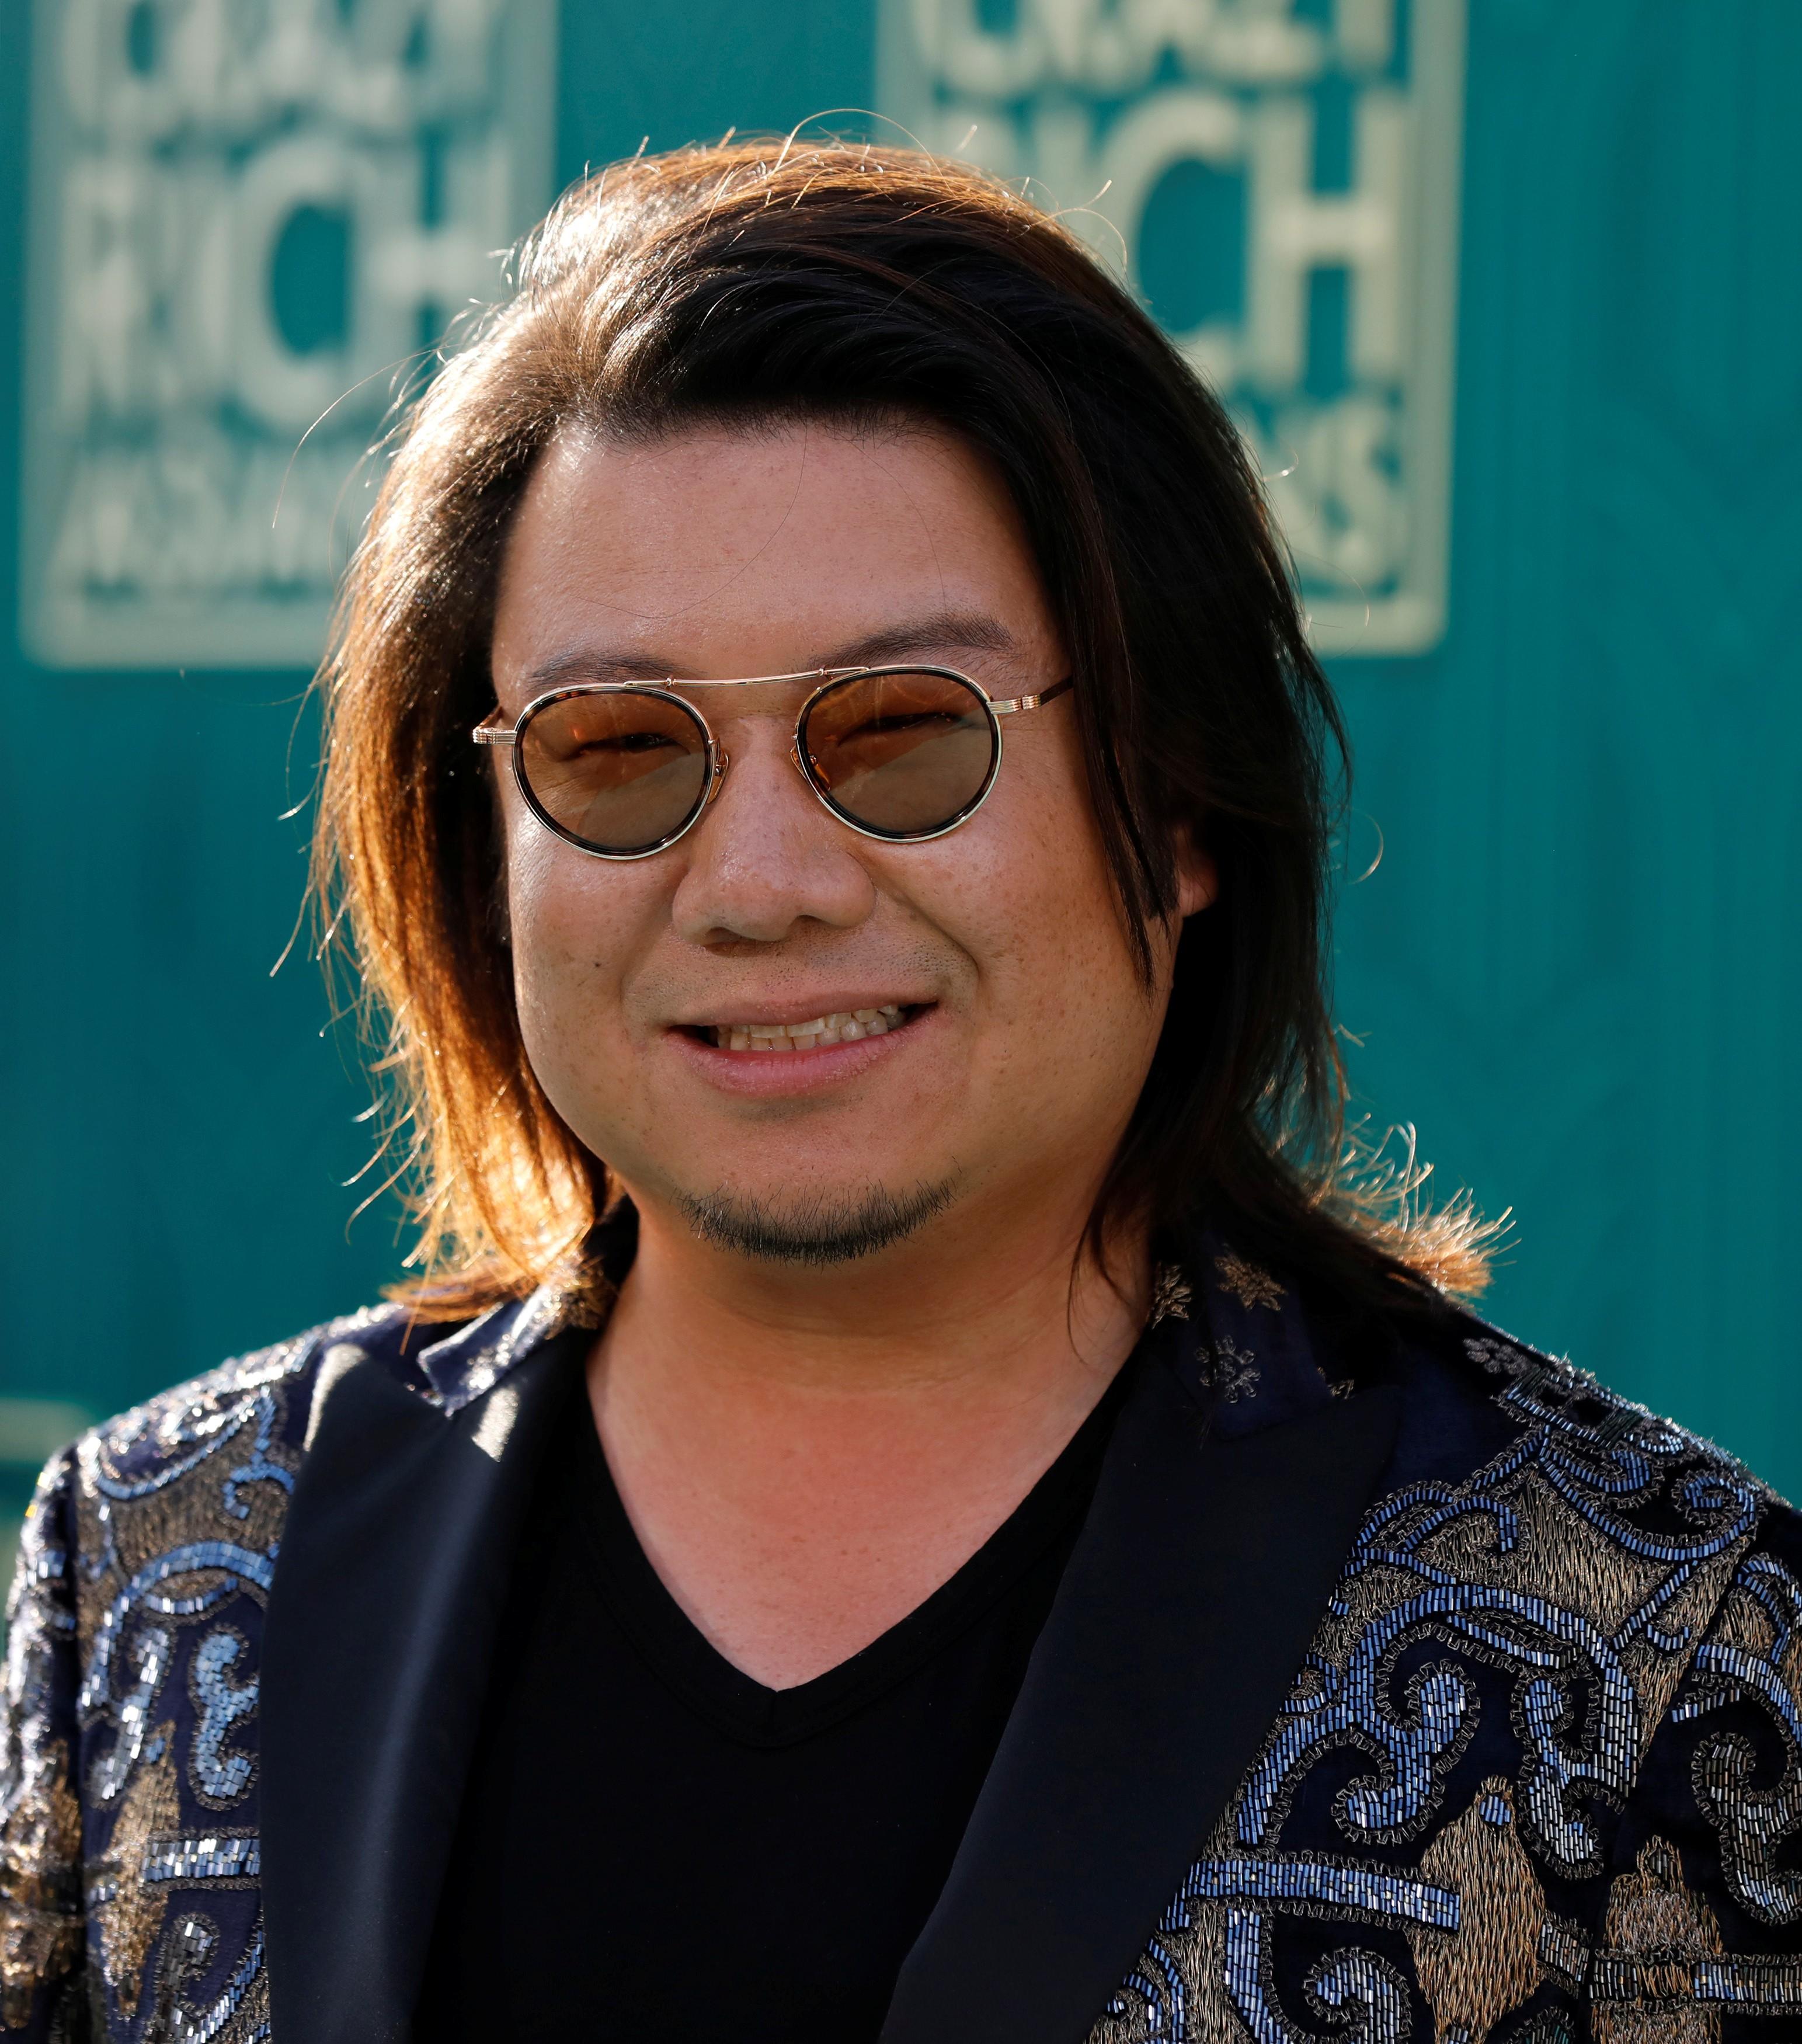 Kevin Kwan, autor de livro 'Podres de Ricos', é procurado em Singapura por evitar serviço militar 2